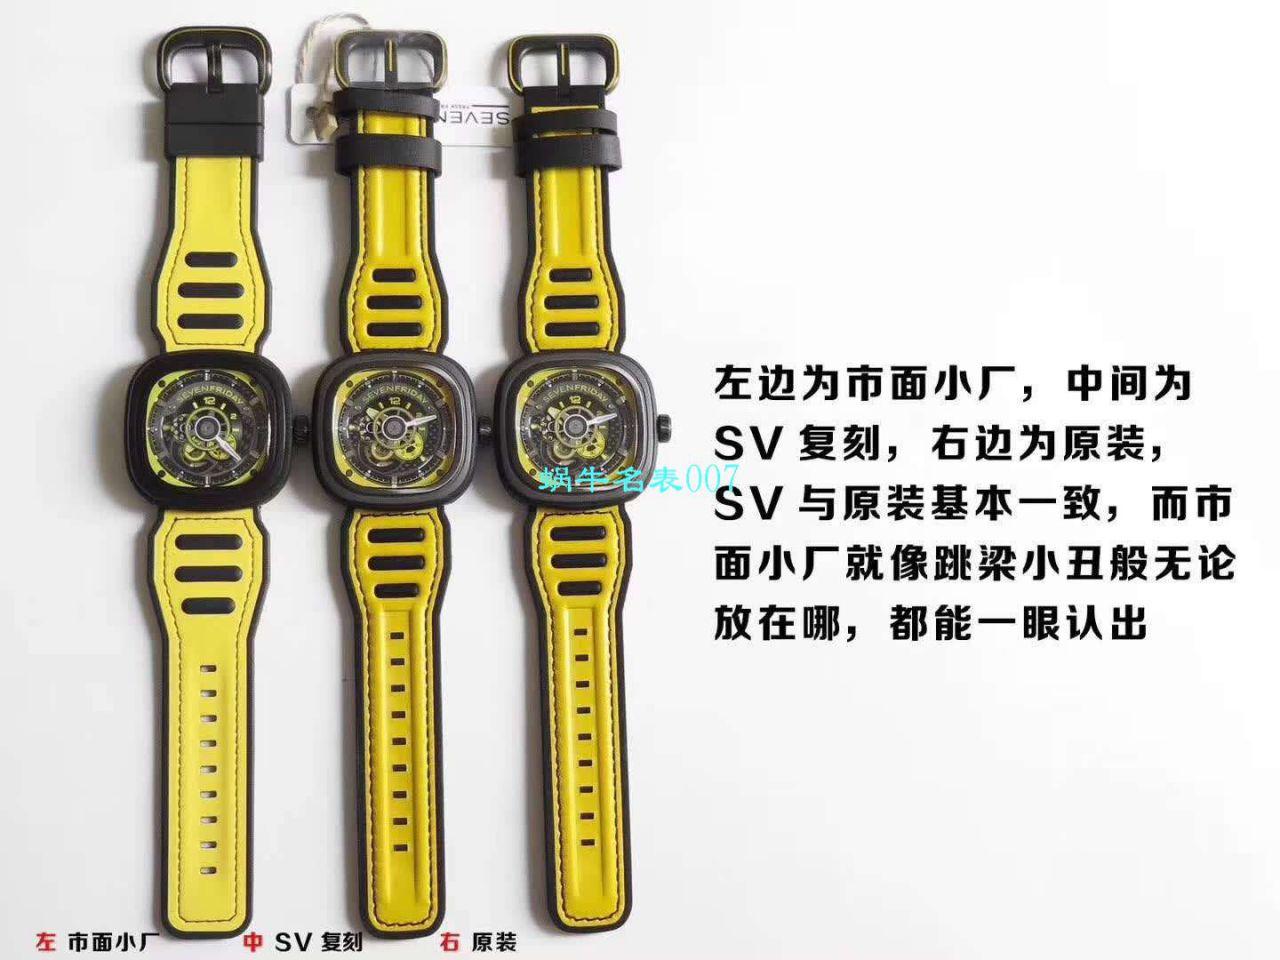 【视频评测SV厂顶级复刻表】Seven friday 七个星期五P3B/03腕表